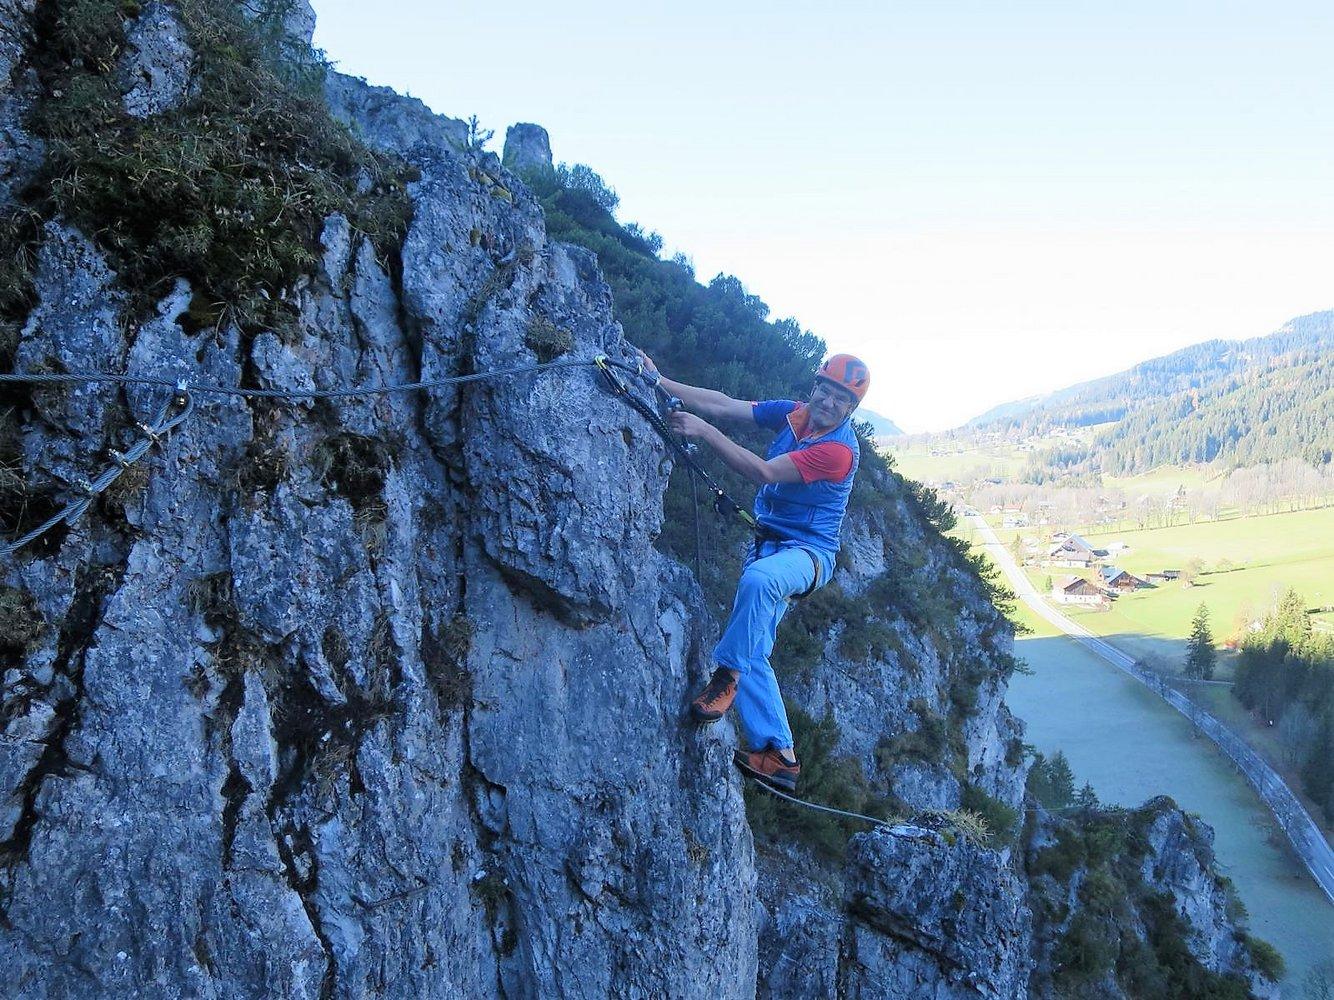 Klettersteig Ramsau : Ramsauer klettersteig u scheichenspitze zustieg alpenyeti s